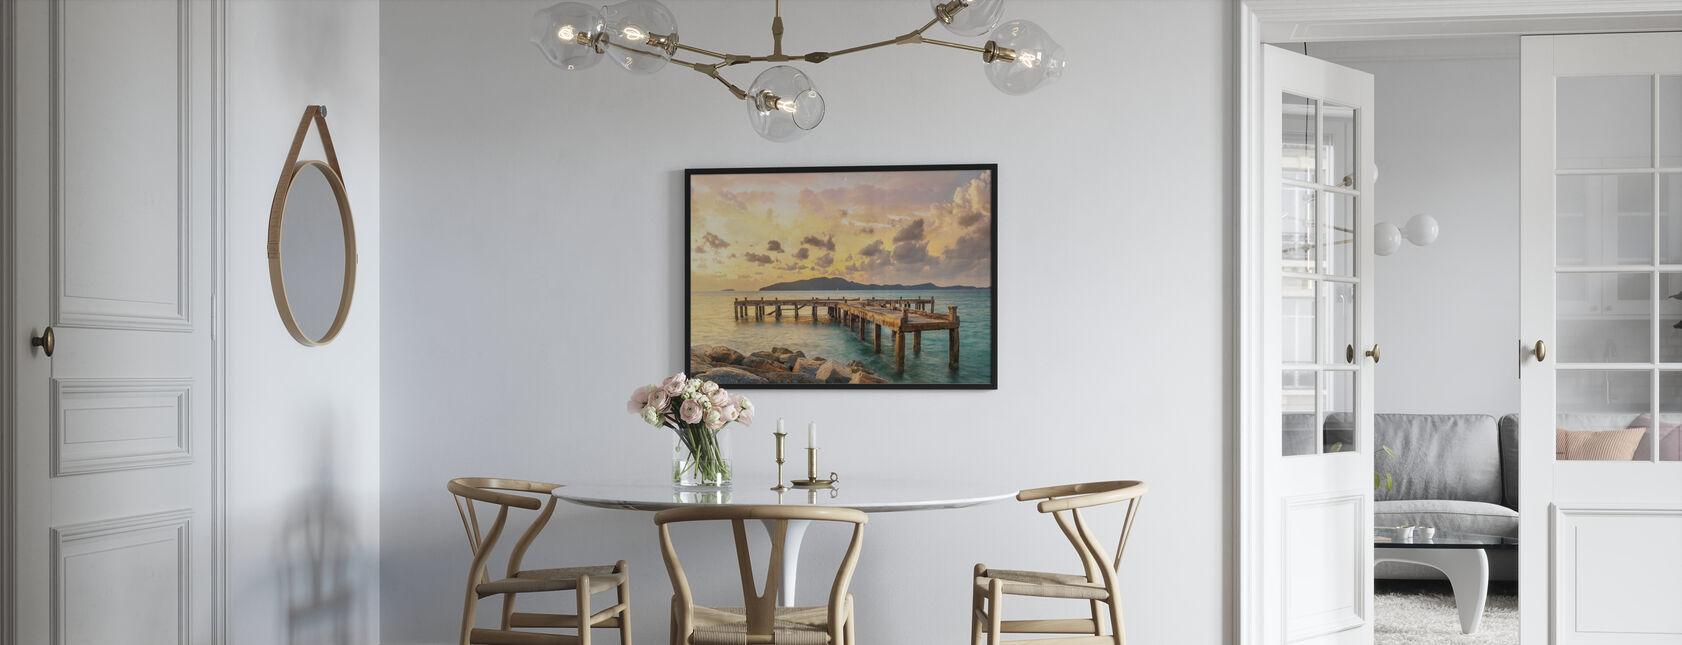 Tangerine Light - Framed print - Kitchen